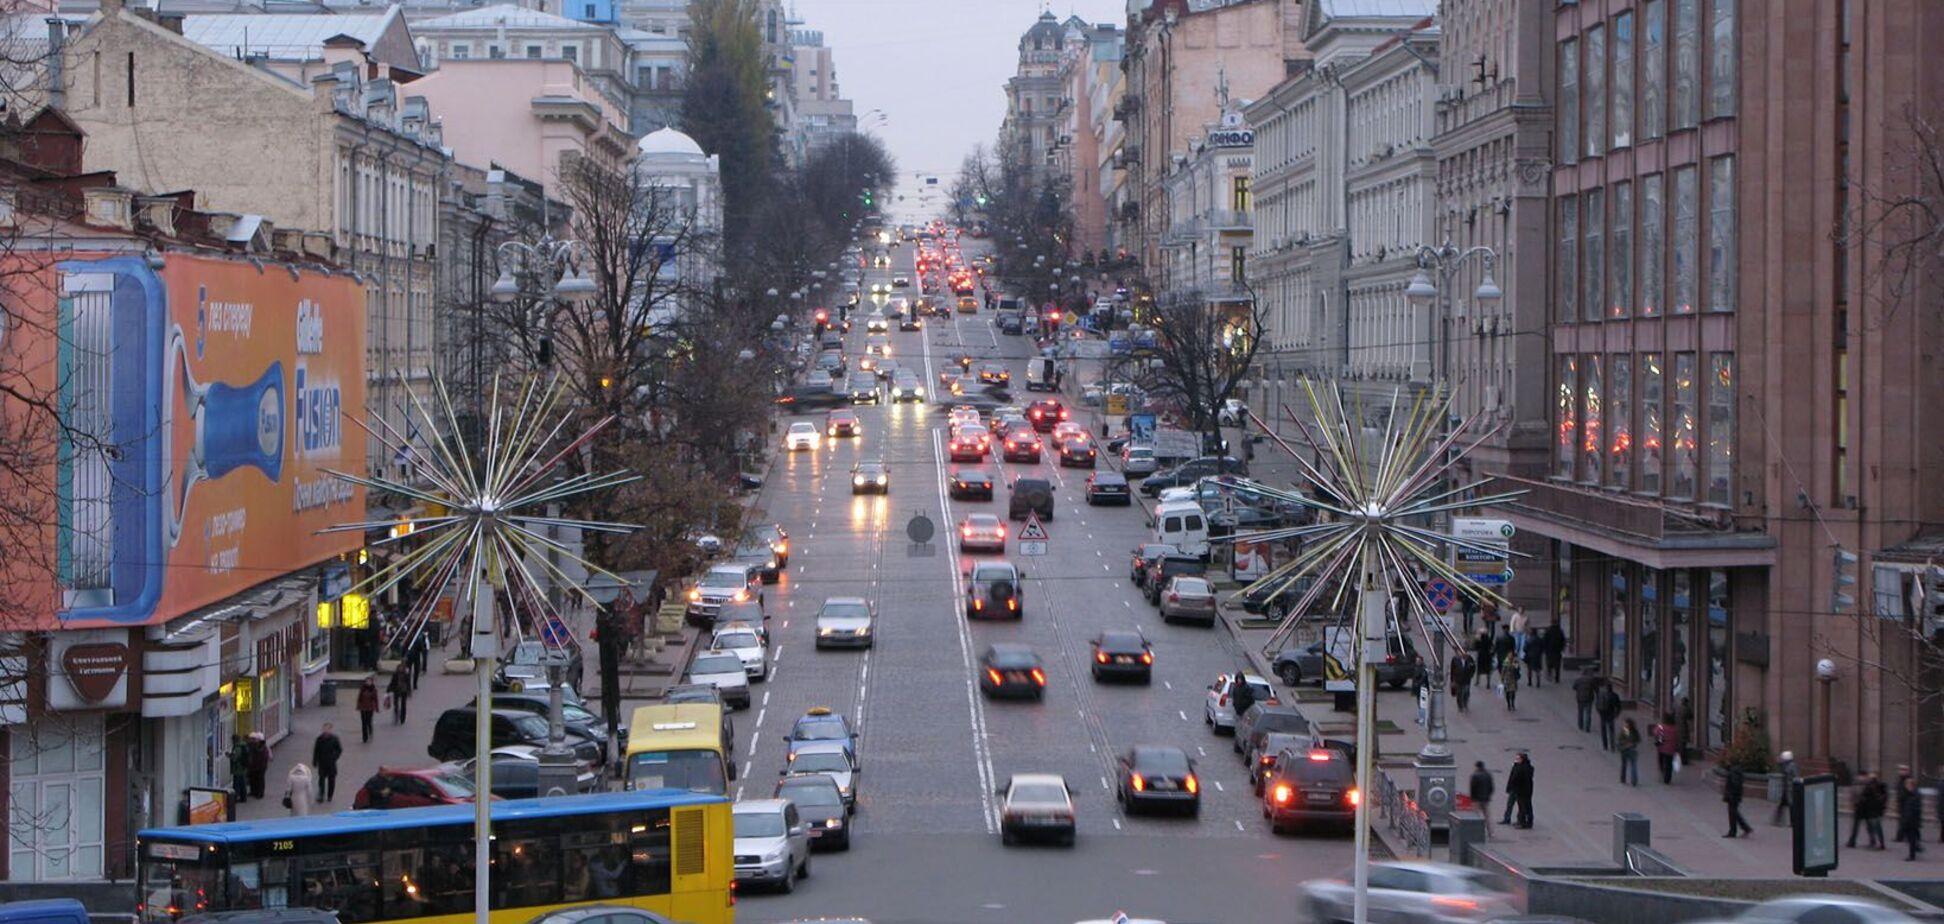 Компания нардепа Бондаренко и Кропачева отказалась освободить госздания в центре Киева